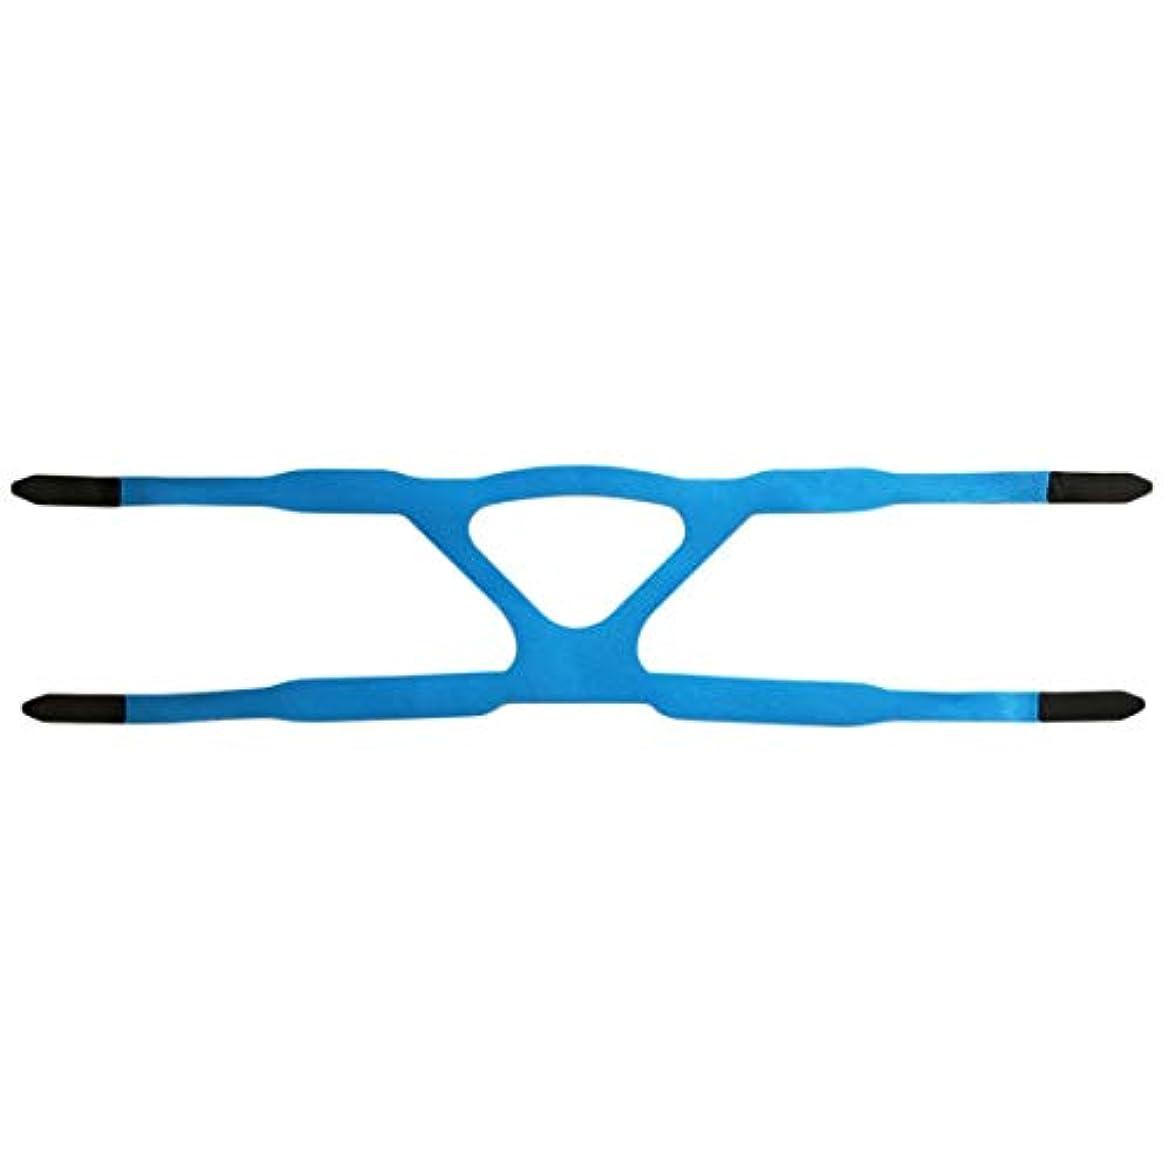 ユニバーサルヘッドギアコンフォートジェルフルマスク安全な環境での取り替えCPAPヘッドバンドなしPHILPSに適した - ブルー&グレー